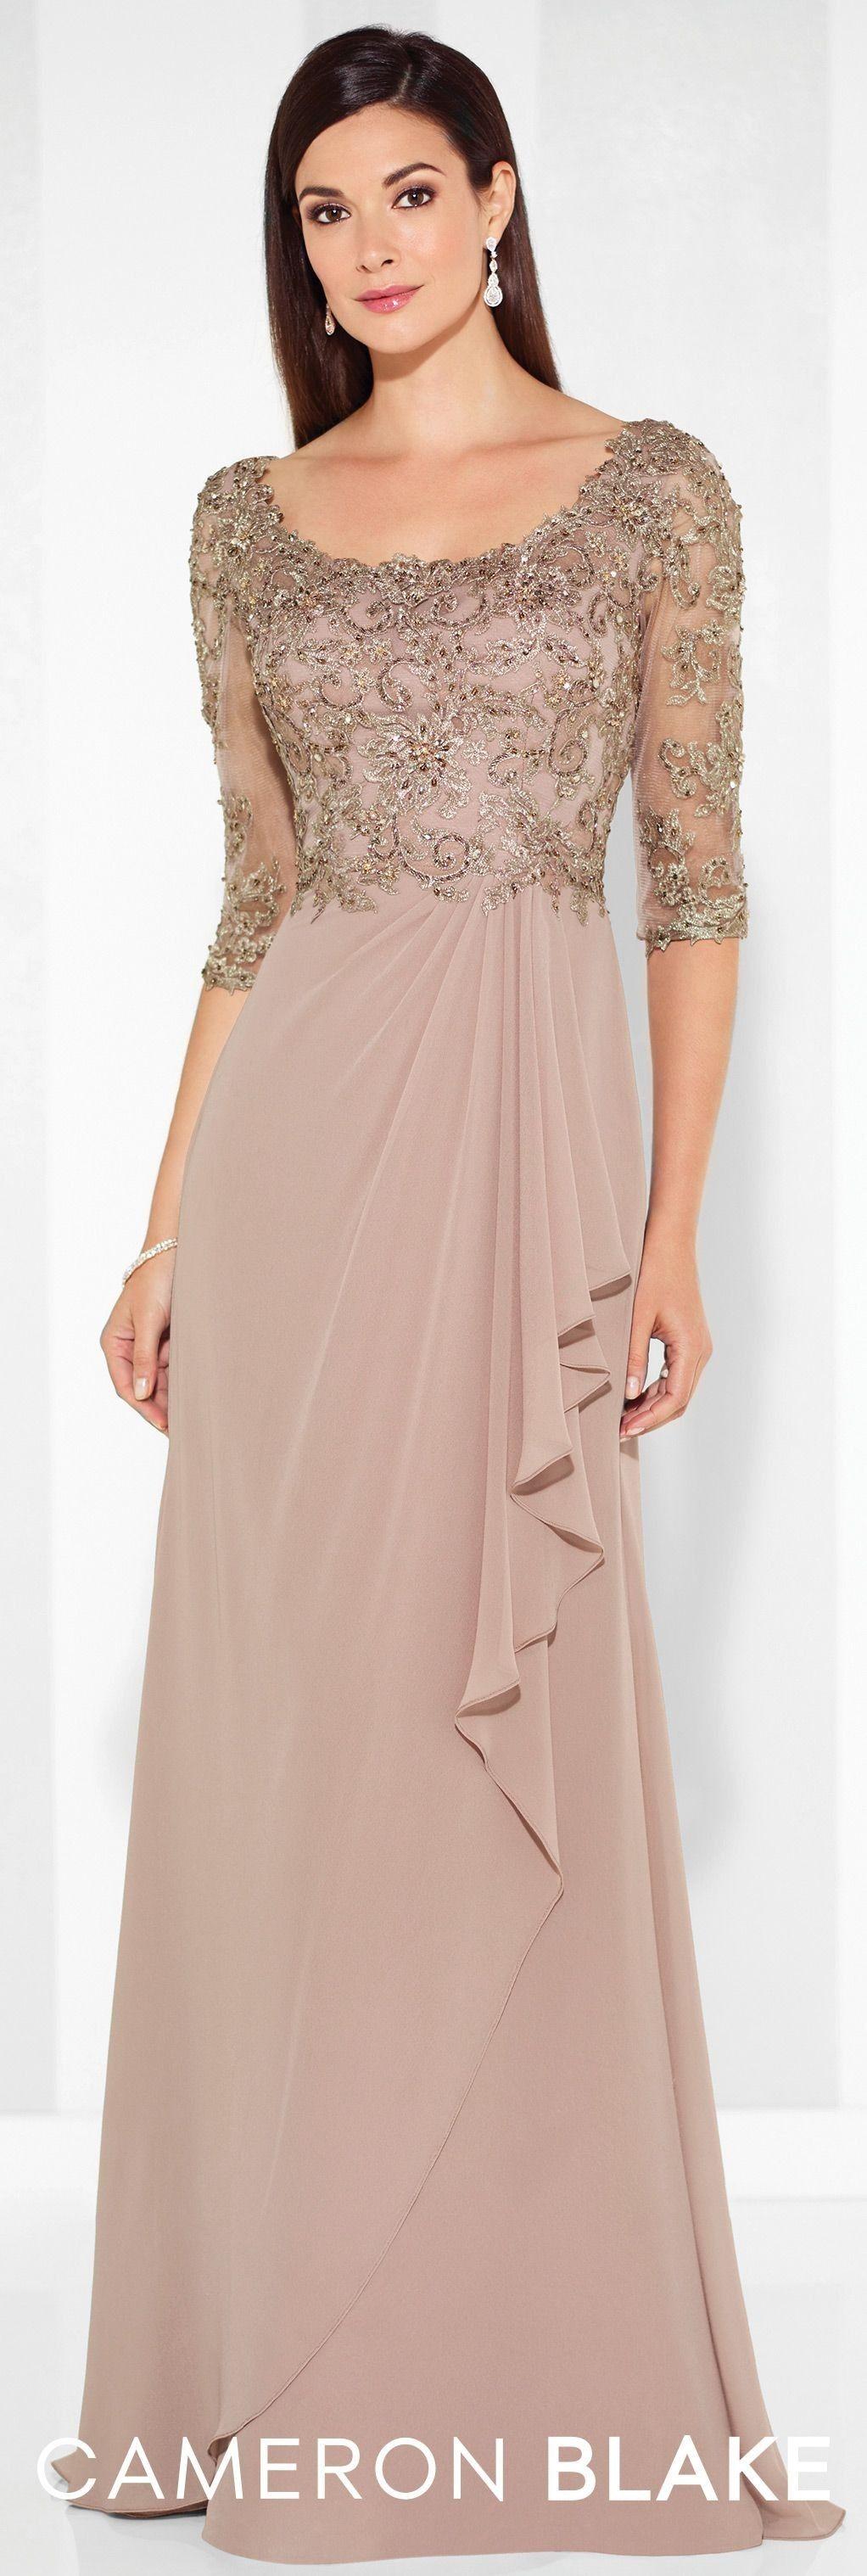 Dresses #gowns | outfit | Pinterest | Vestiditos, Vestidos de fiesta ...